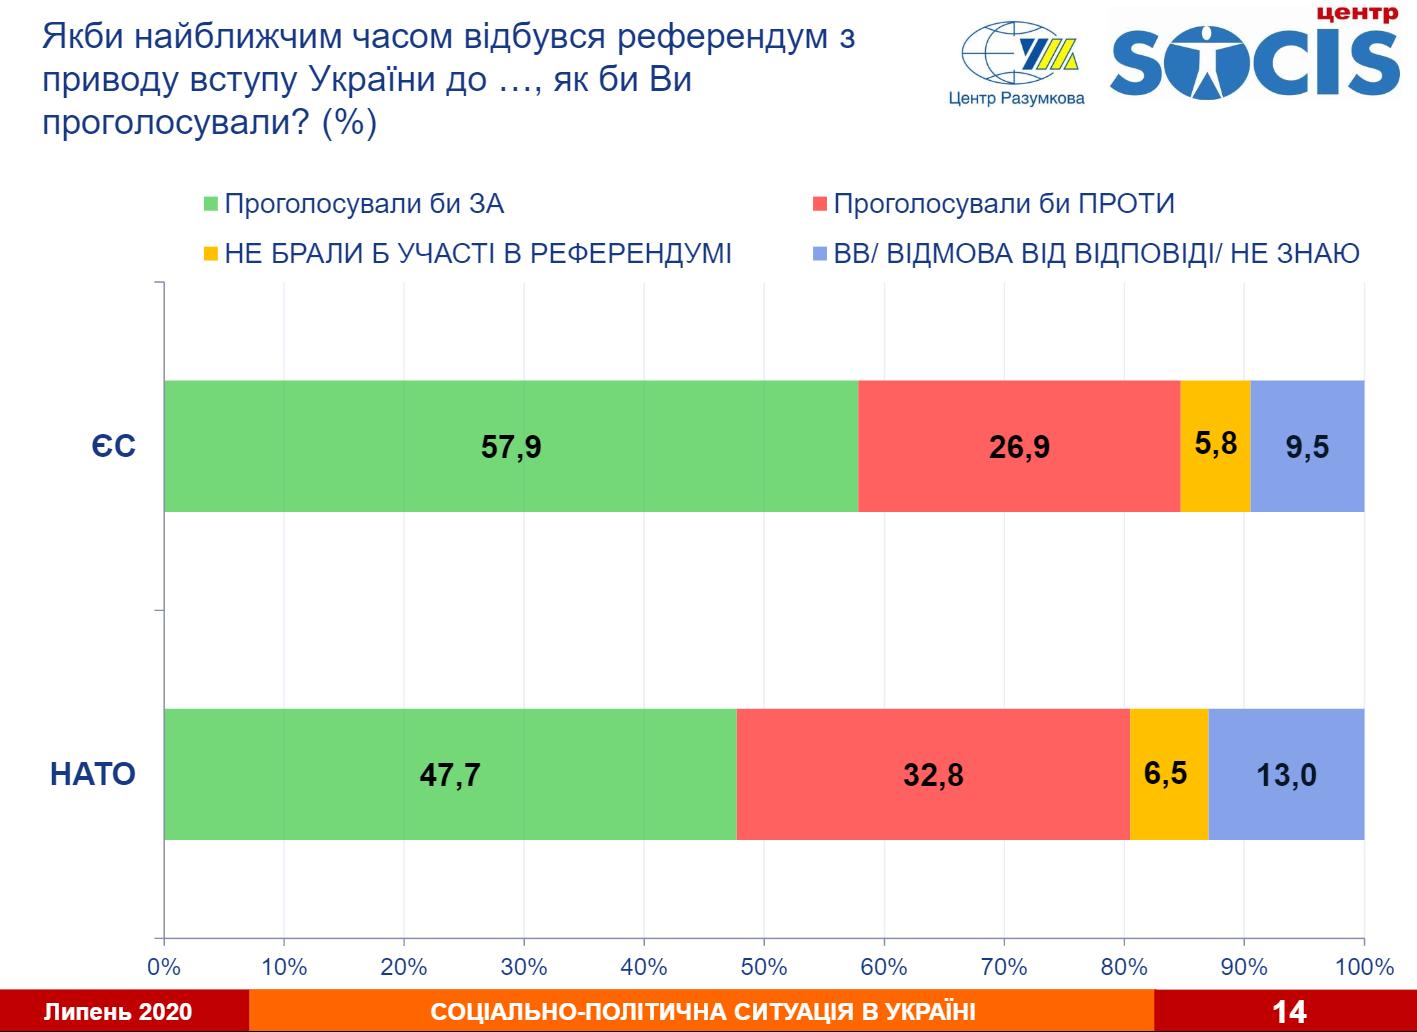 Більшість українців підтримують вступ України в НАТО